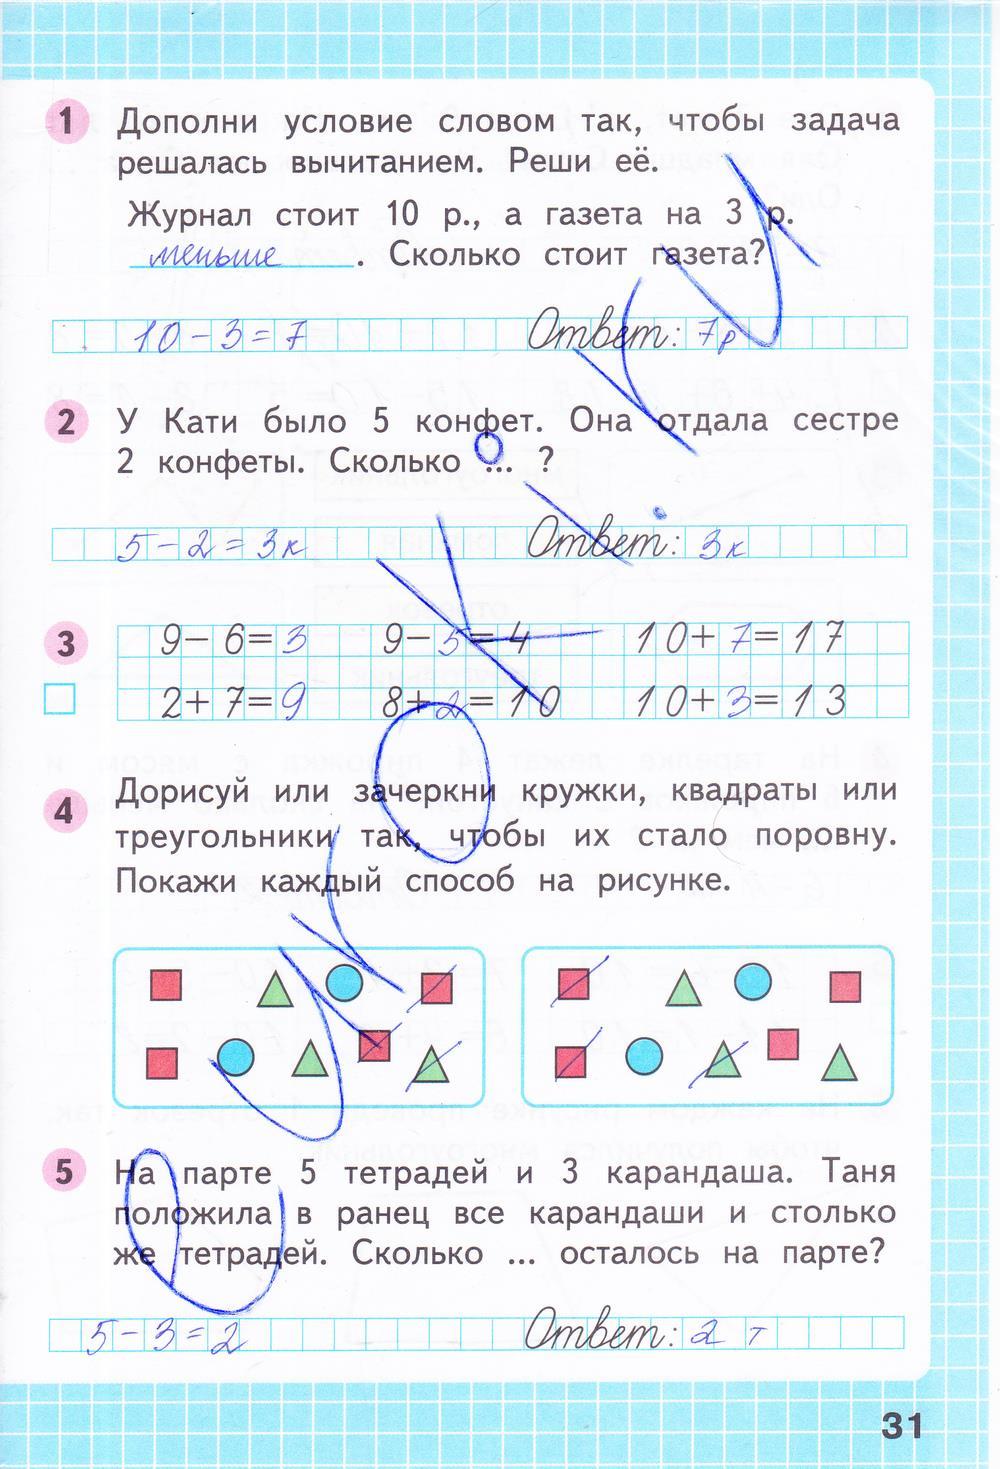 Решение задач 1 класс моро ч 2 как быстро решить задачу 2 класс